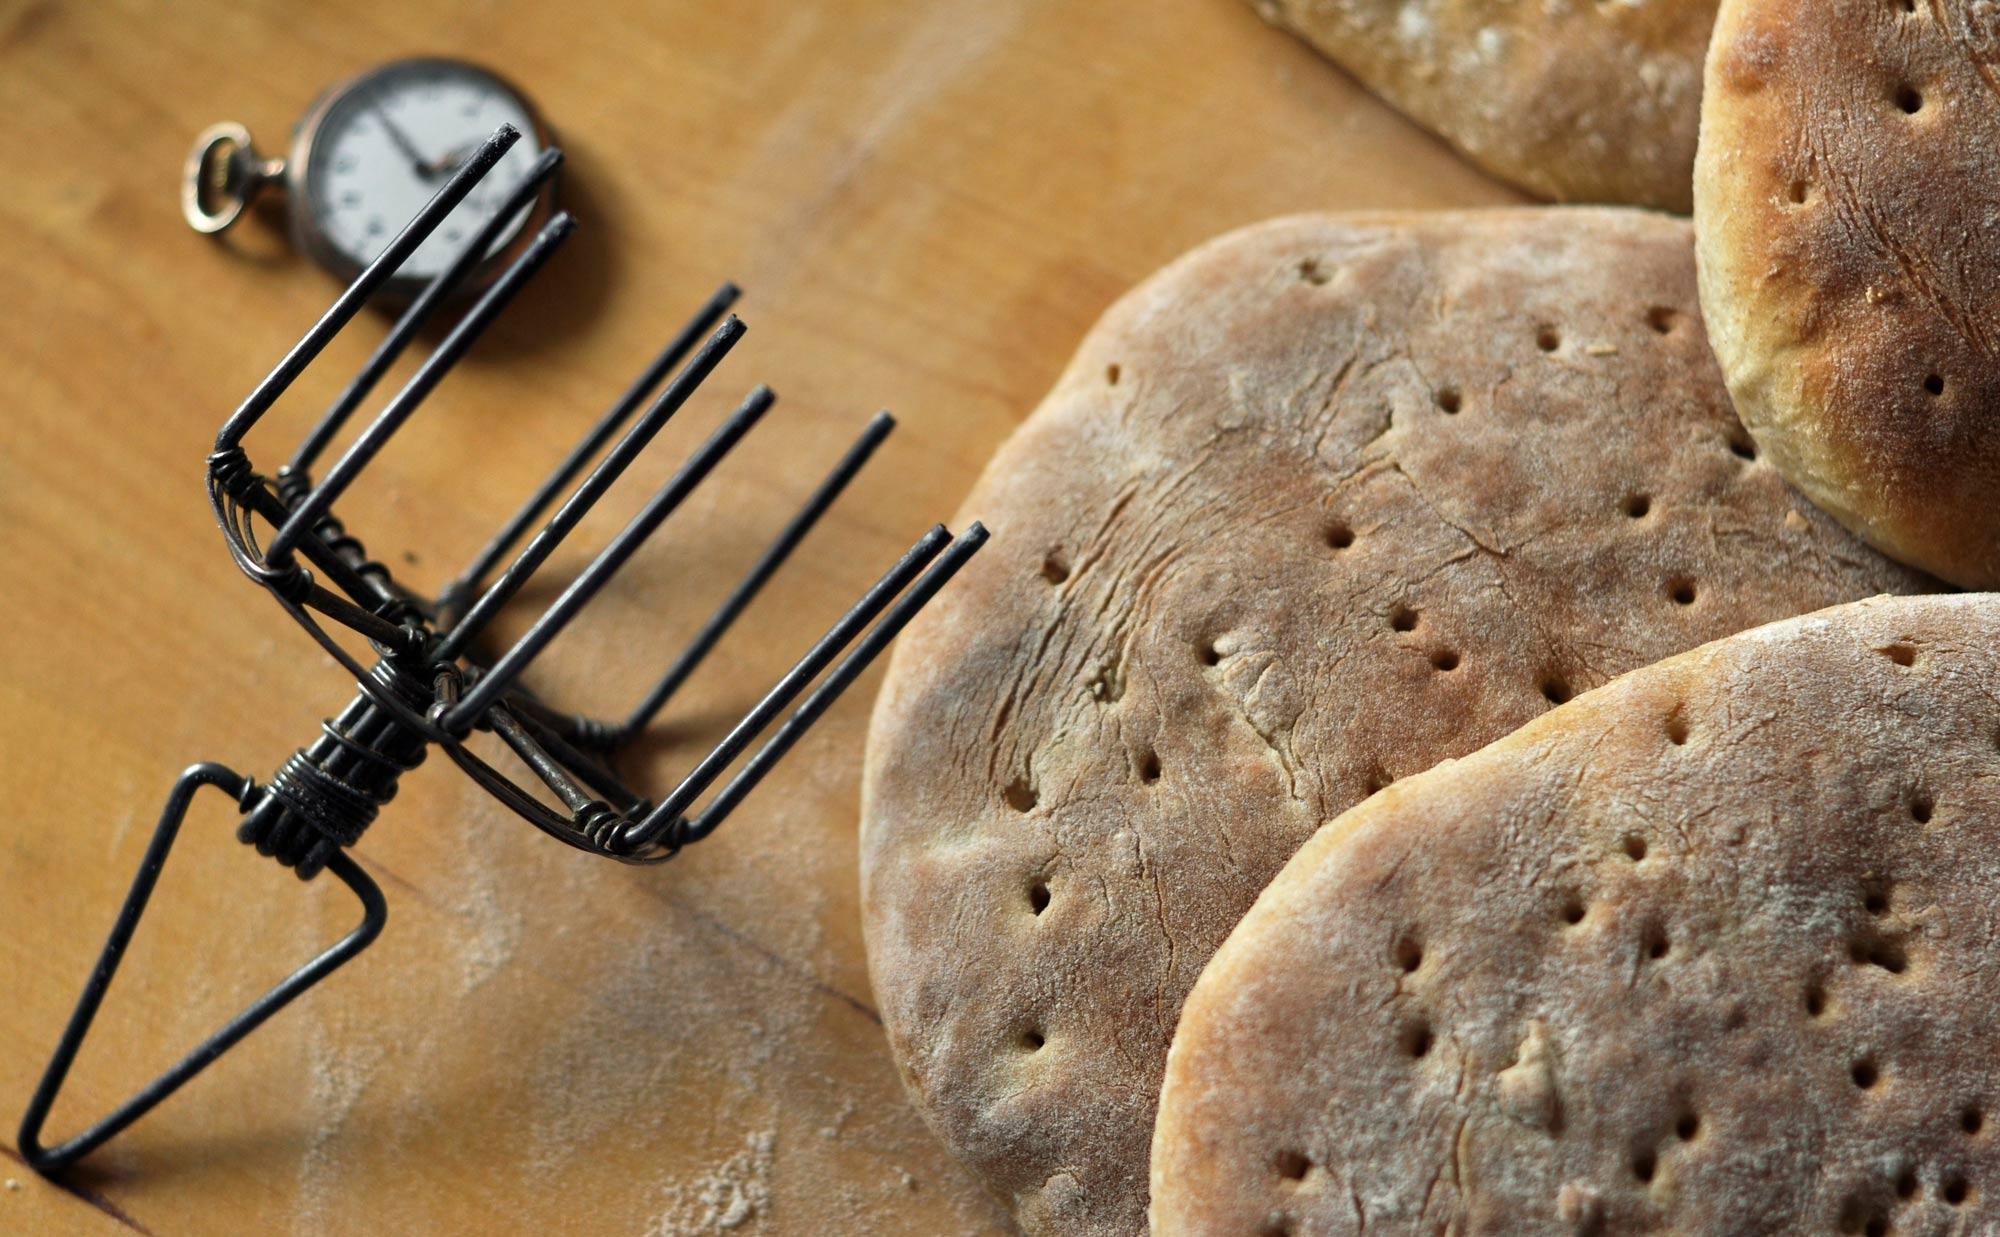 Recept på lättbakat bröd